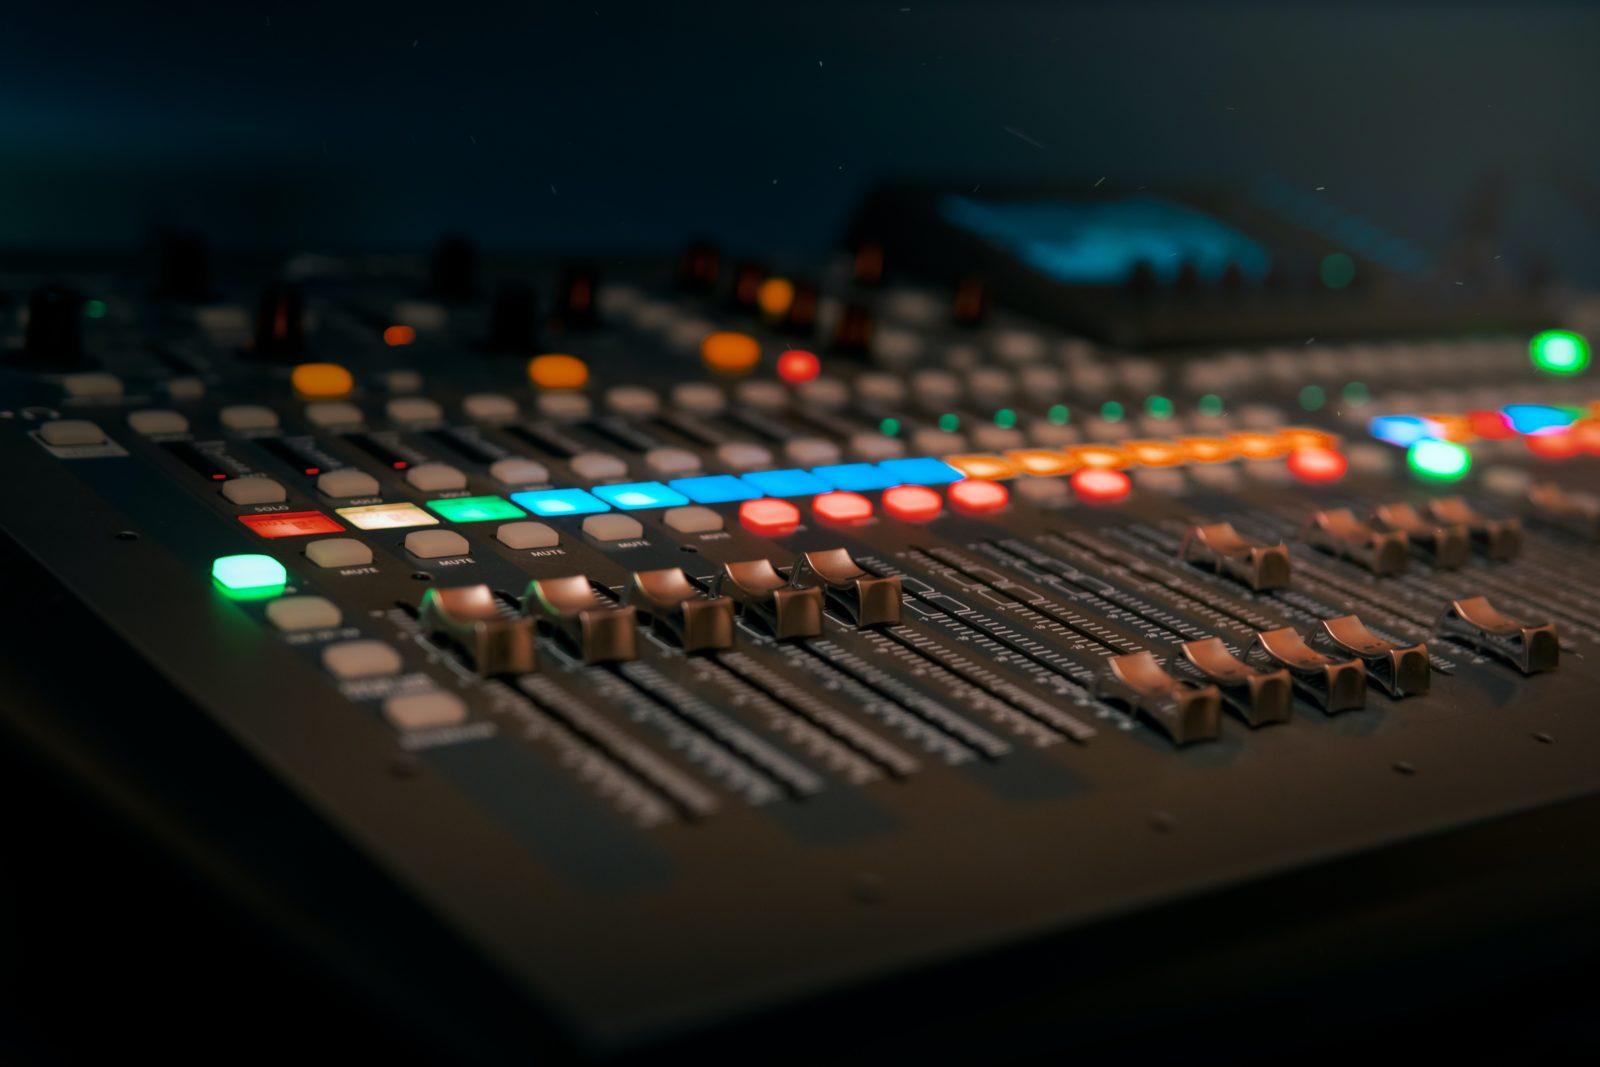 Músicas fora do radar pop - Radiocultfm